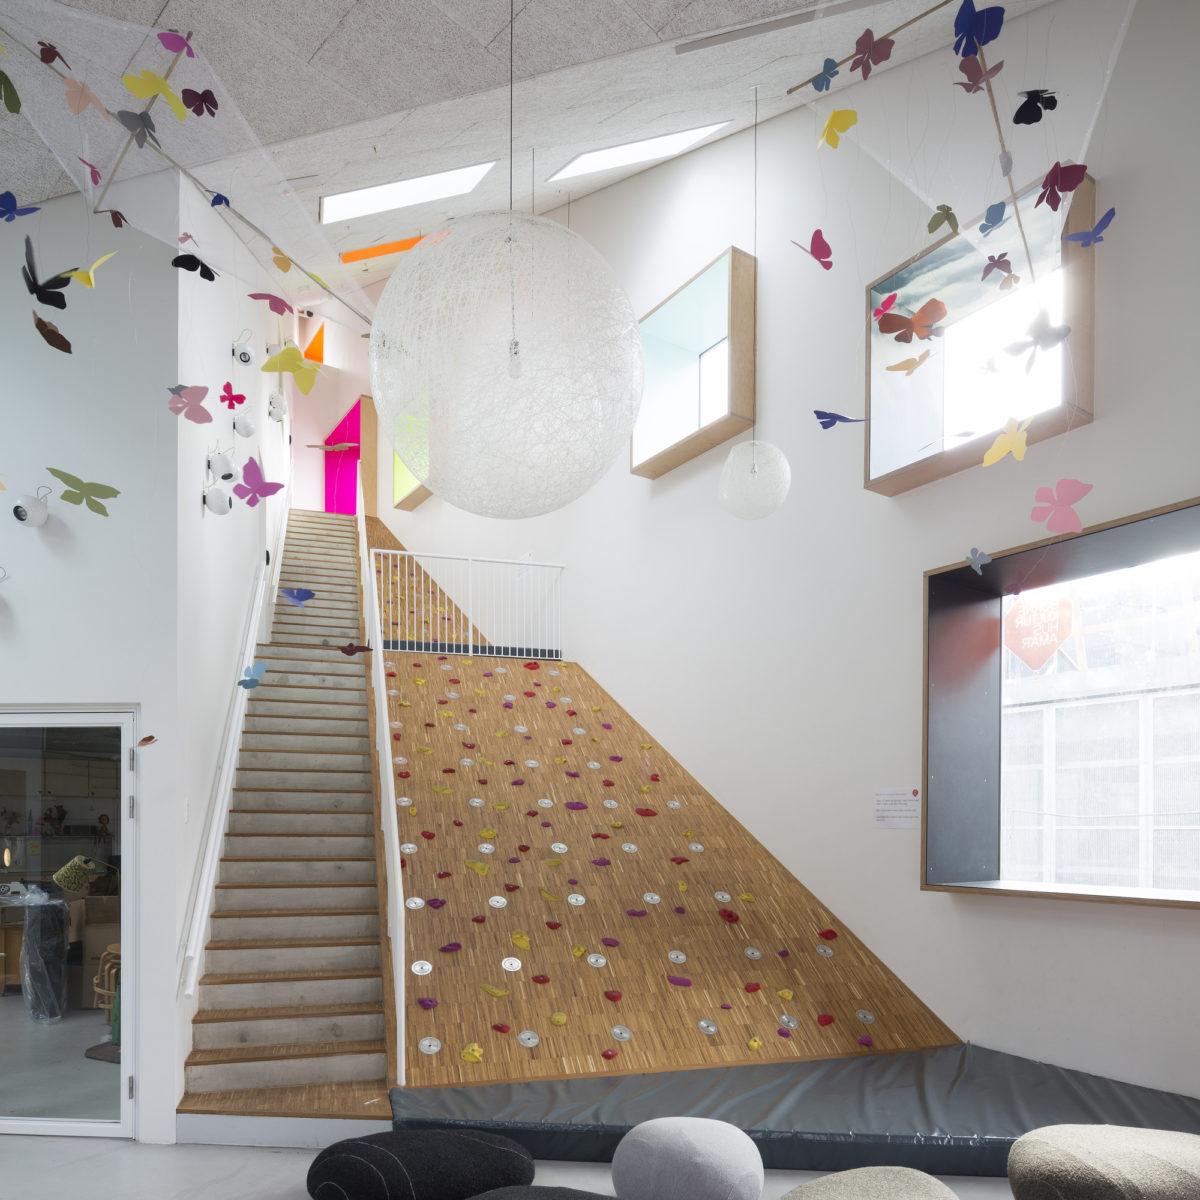 Cheap inaugurato nel nello stesso anno ha vinto due premi come luedifici award dalla citt di - Casa copenaghen ...